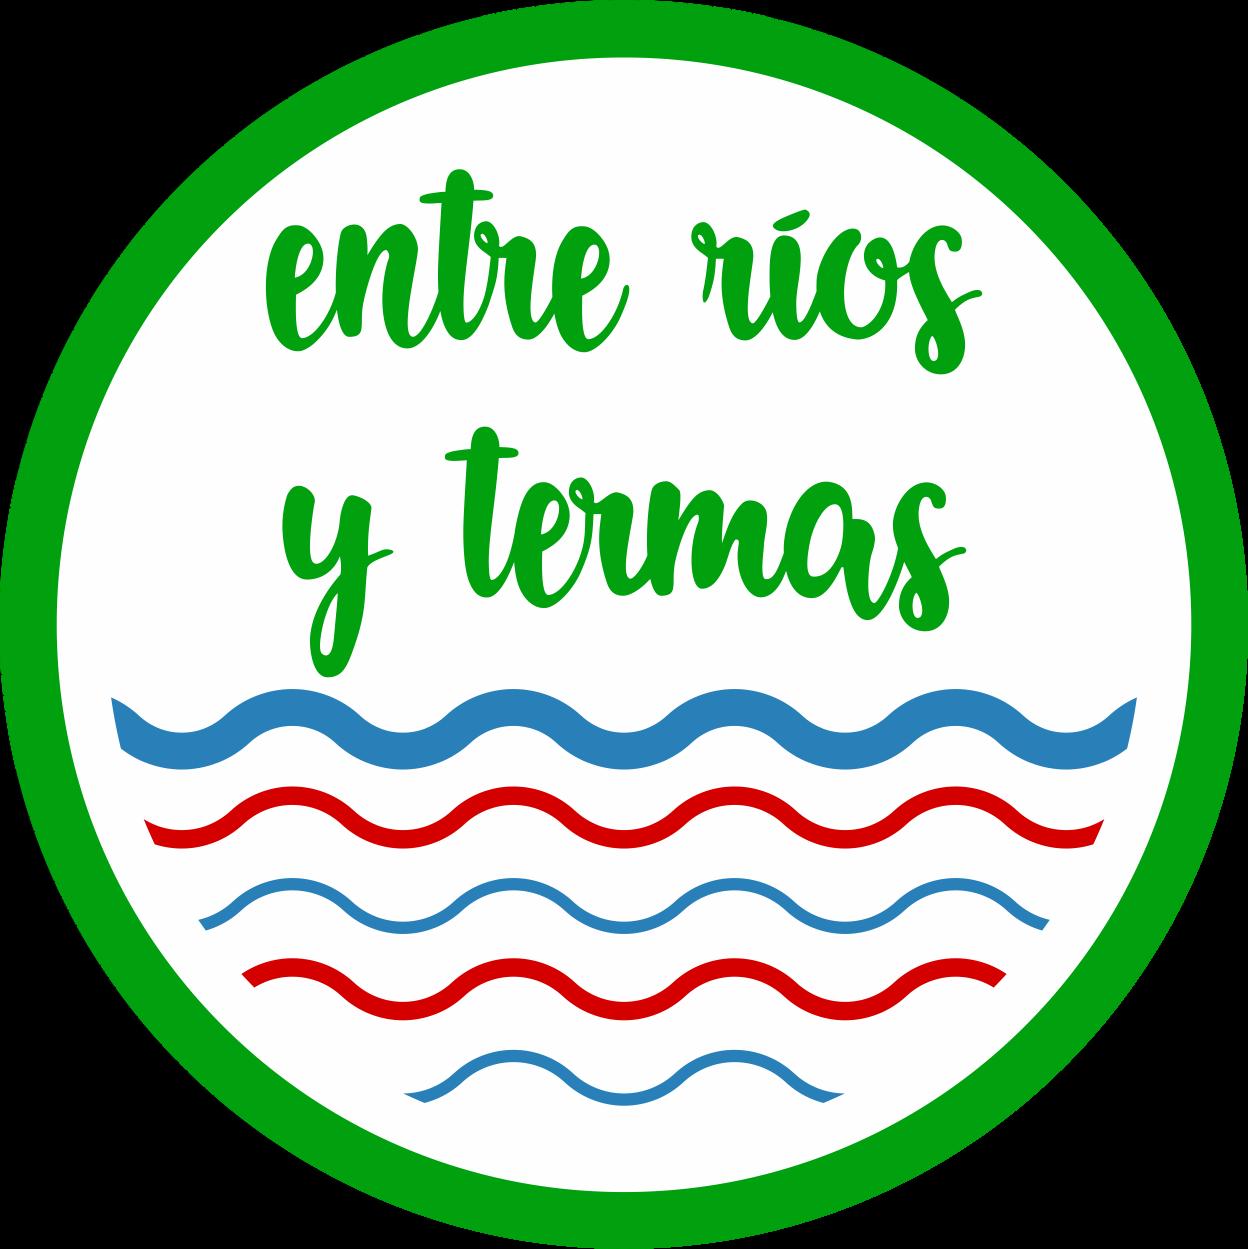 ENTRE ríos y termas